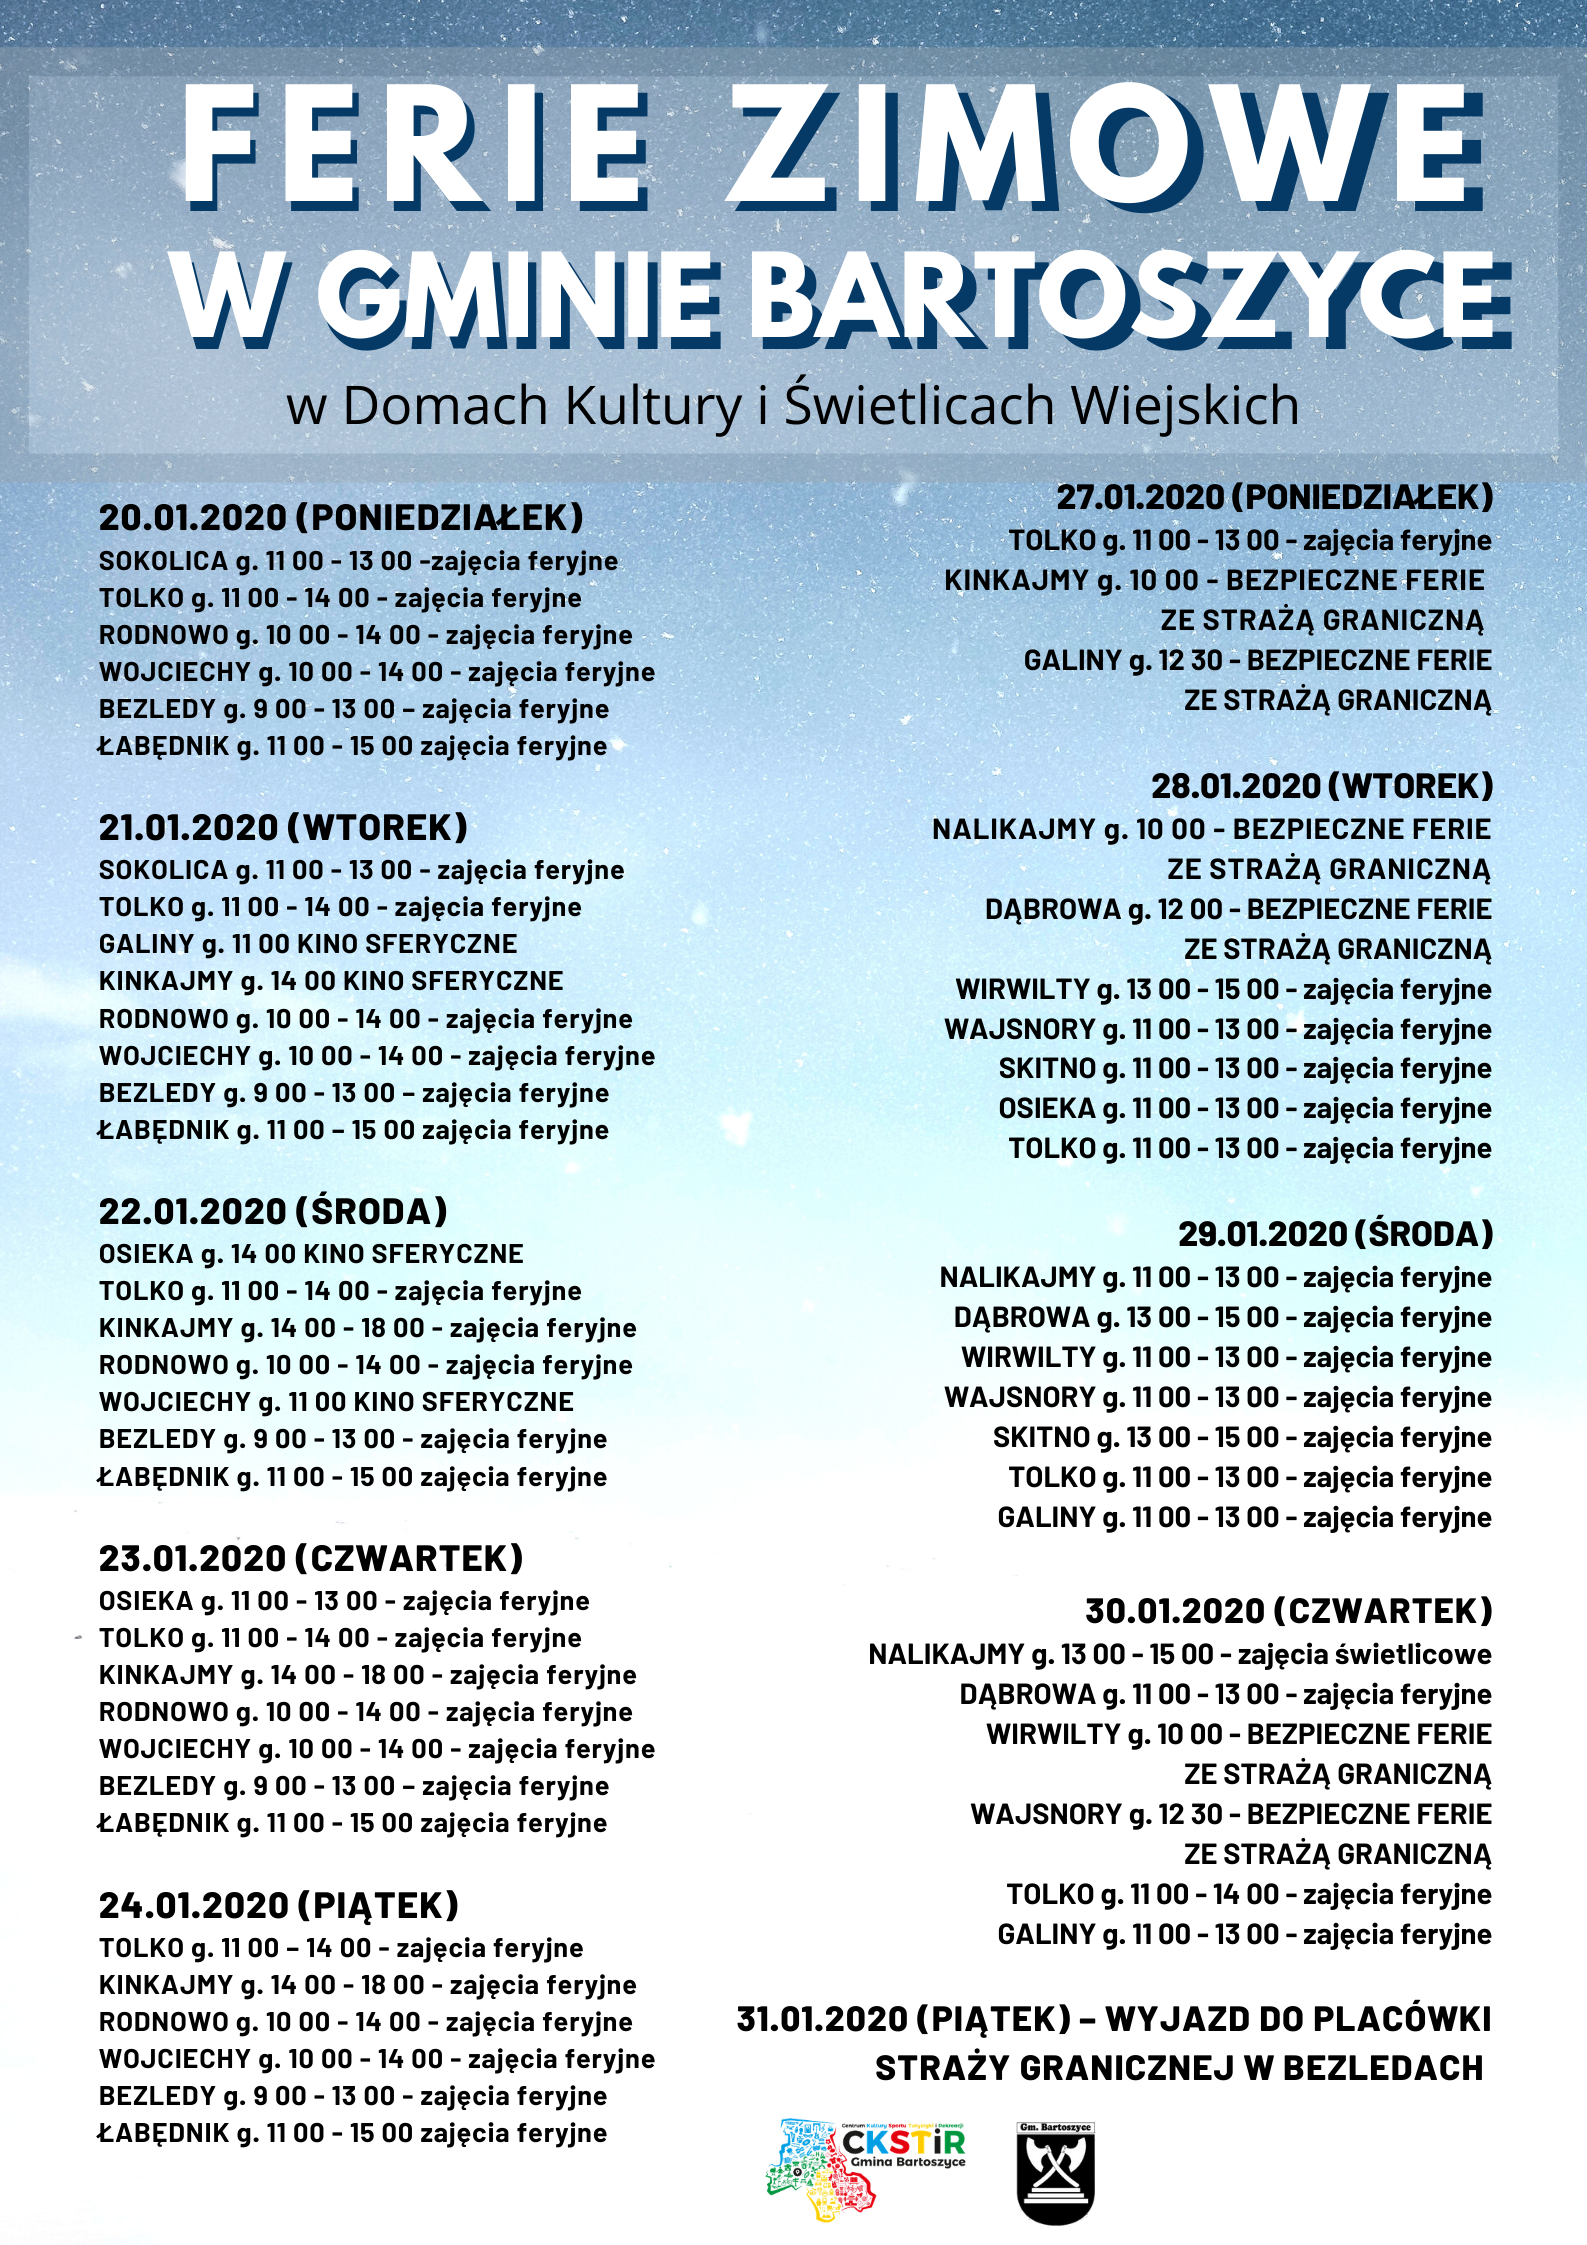 Ilustracja do informacji: Ferie zimowe w gminie Bartoszyce